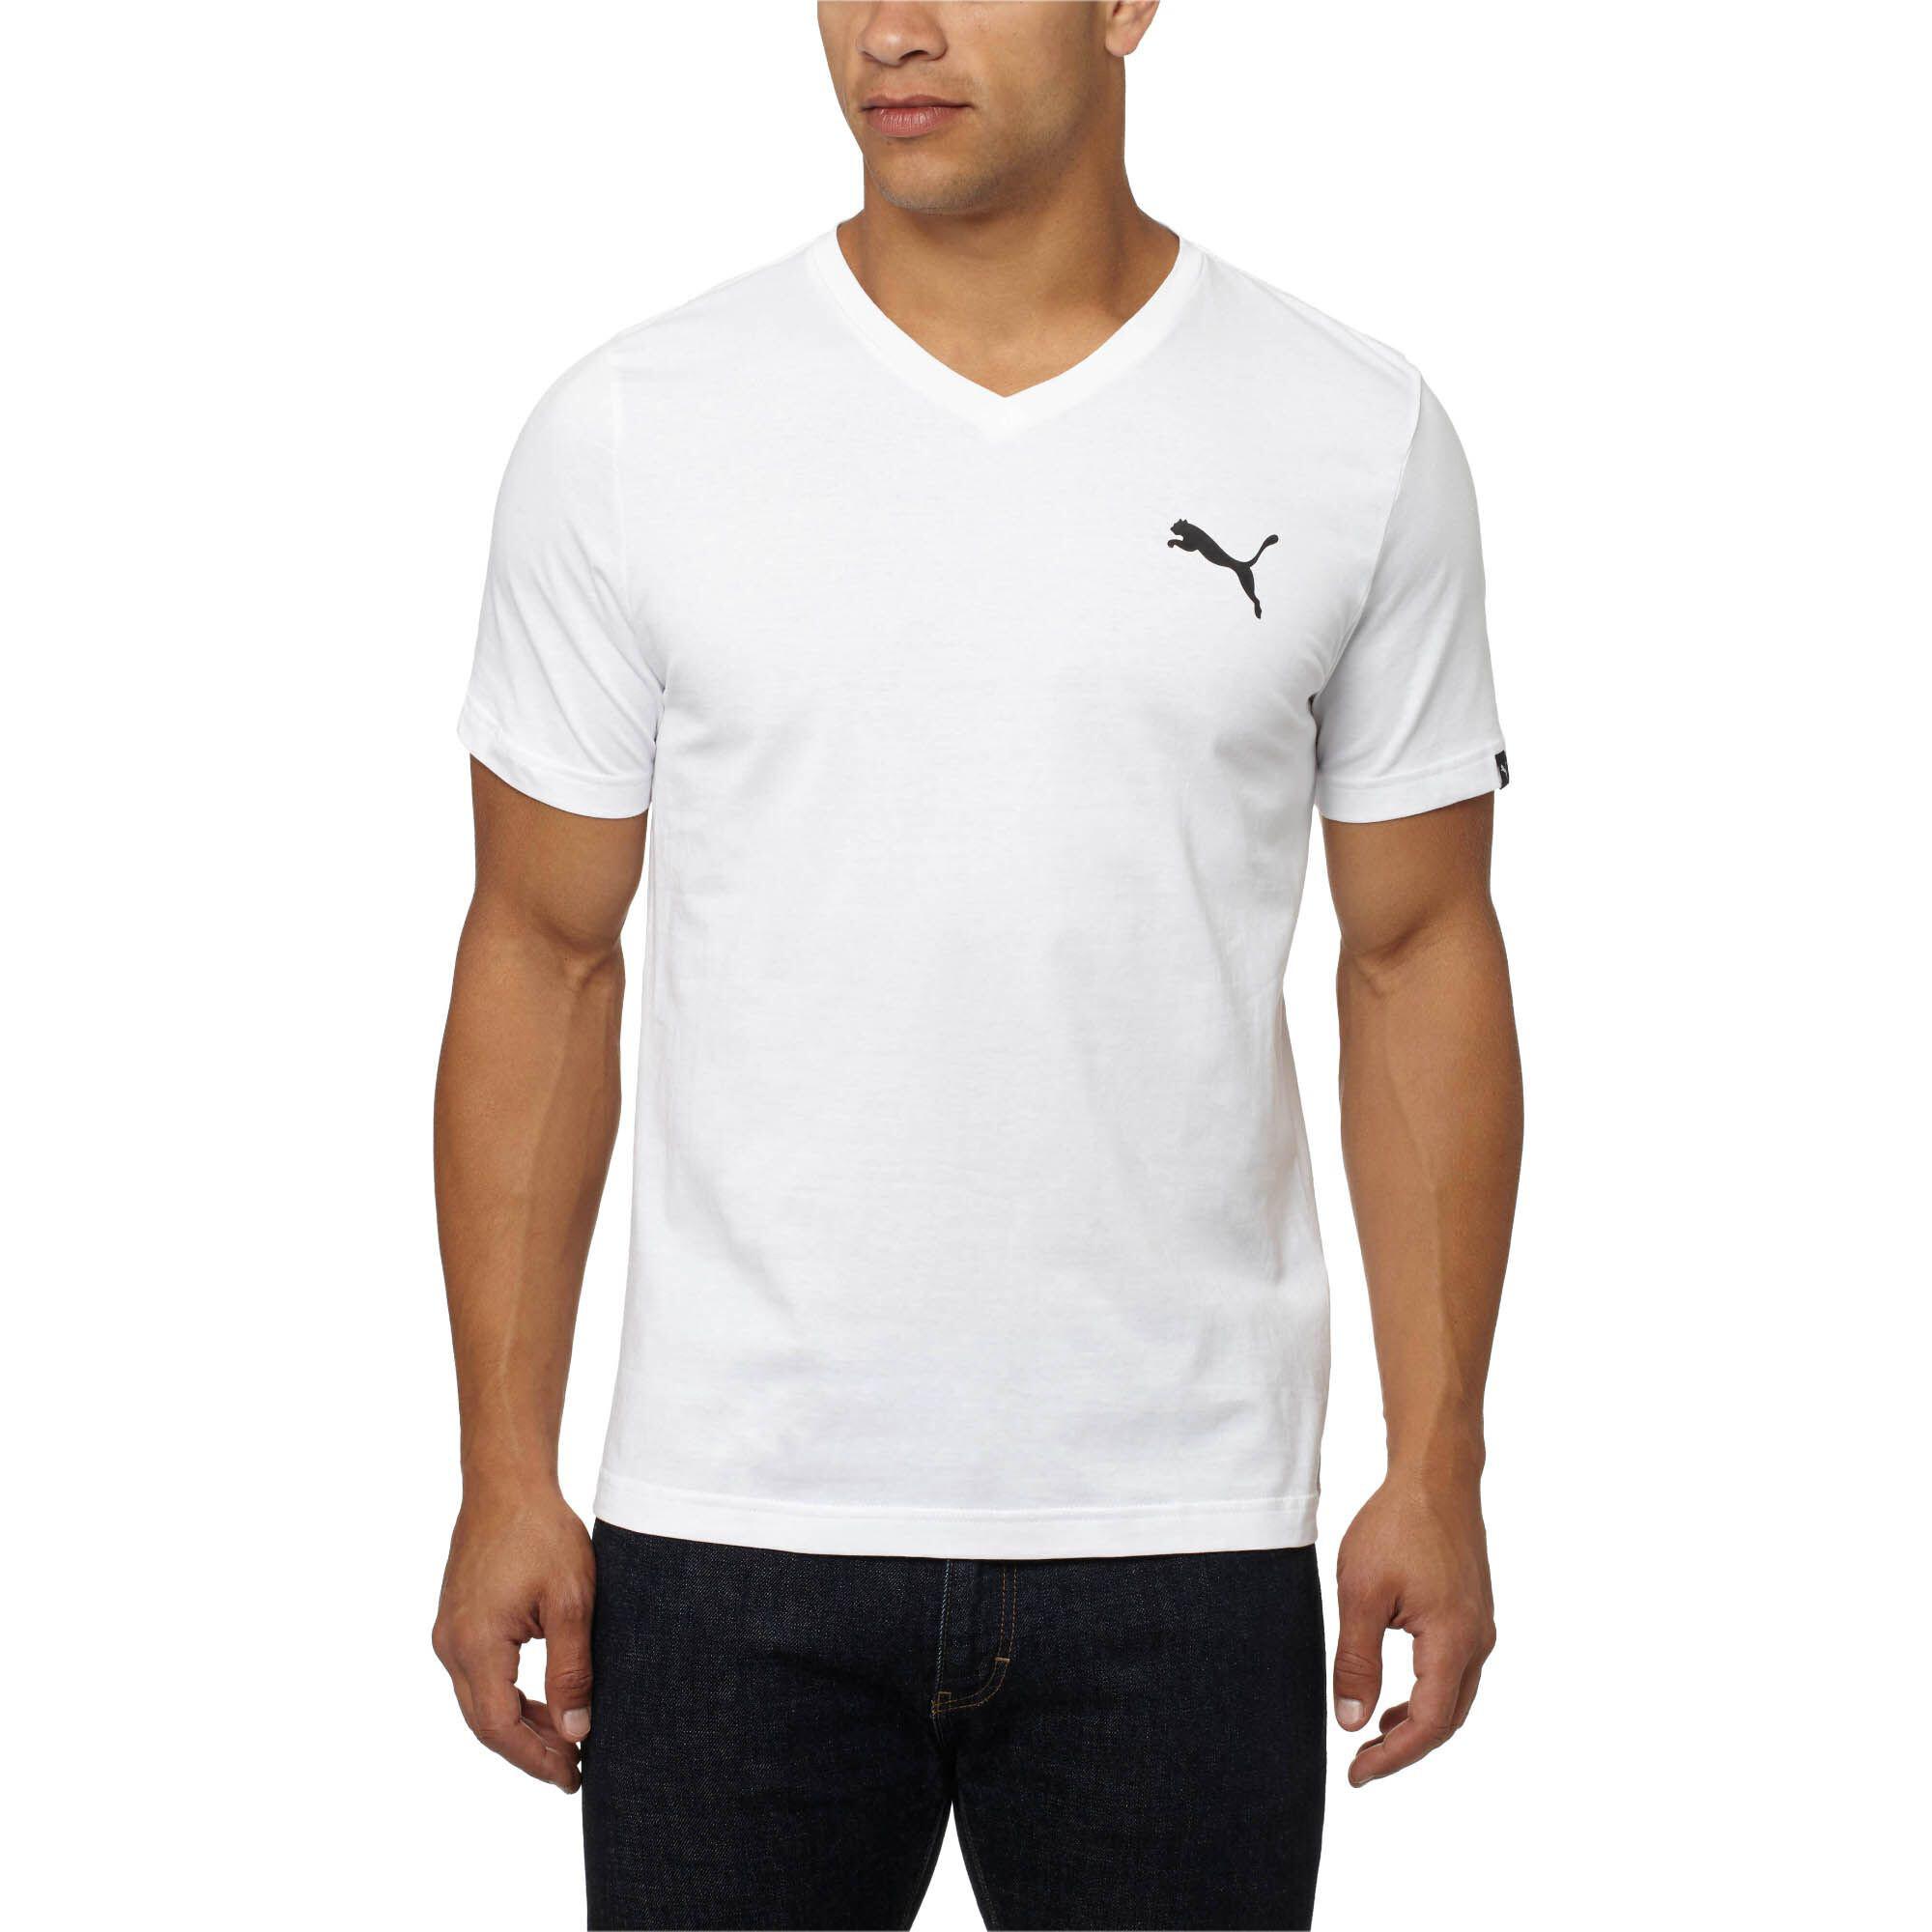 PUMA-Men-039-s-Iconic-V-Neck-T-Shirt thumbnail 8